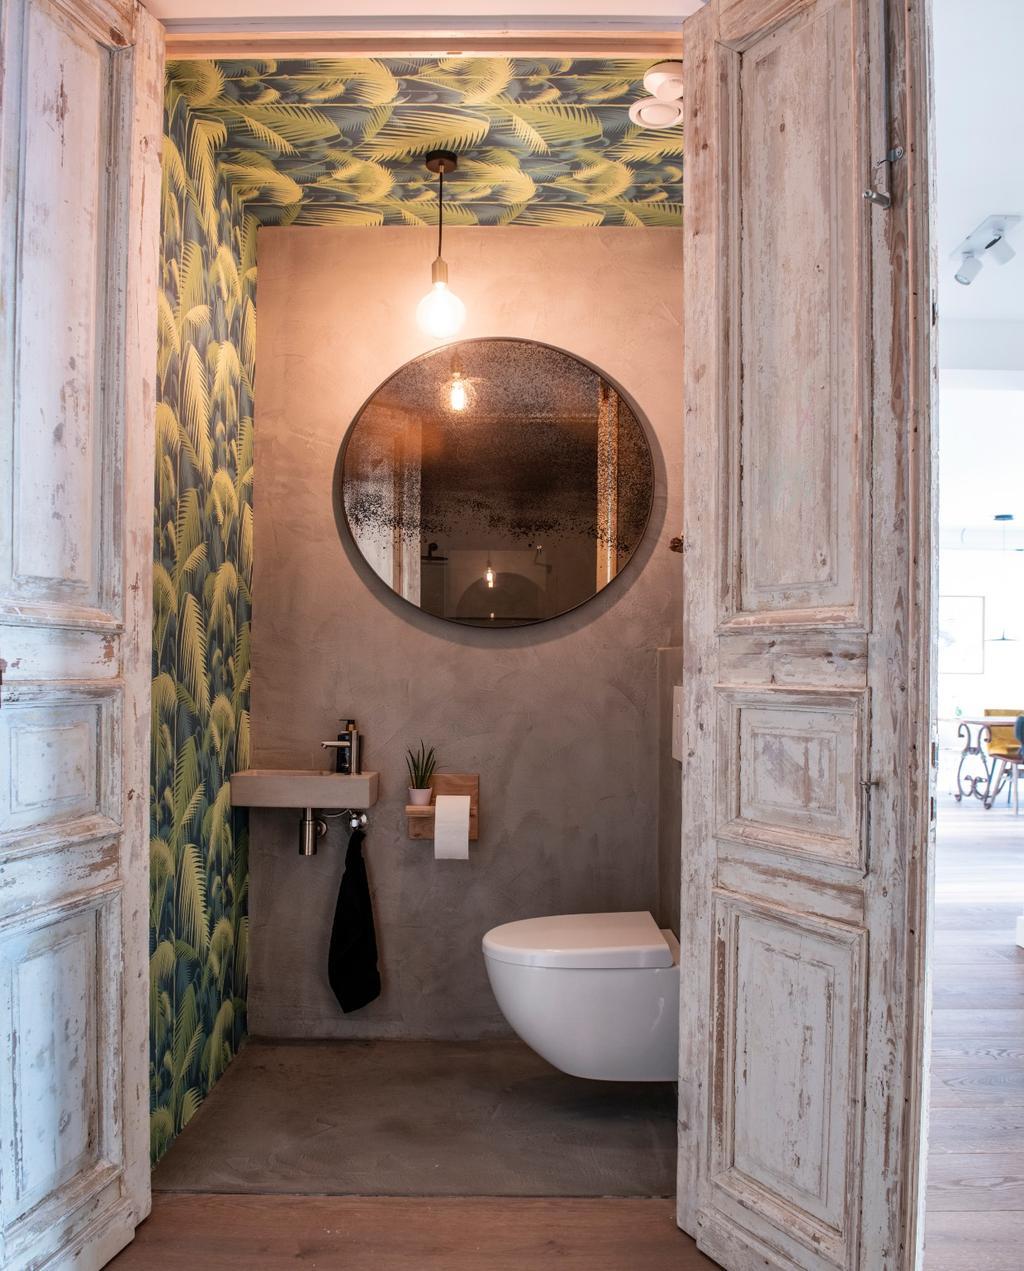 vtwonen bk special 03-2020 | binnenkijken Almere toilet met oude Egyptische deuren